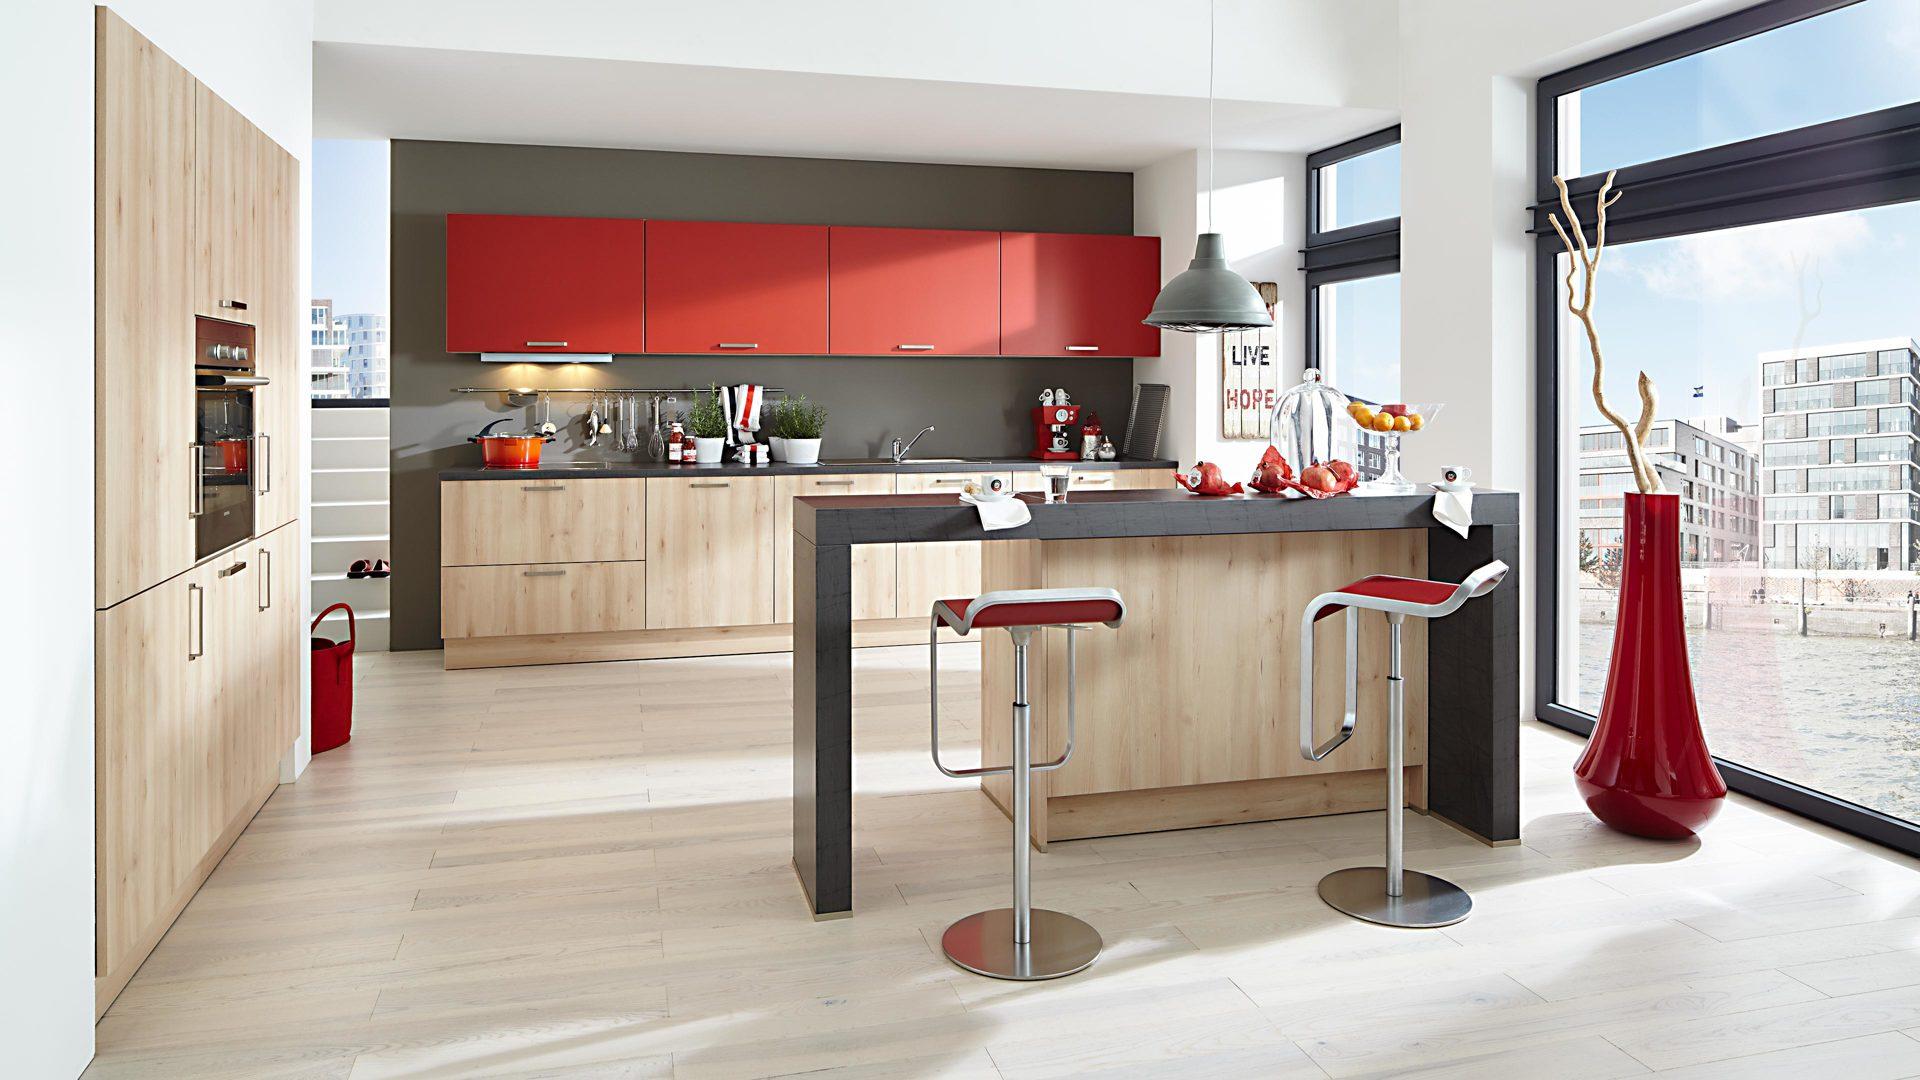 Möbel Frauendorfer Amberg | Räume | Küche | Einbauküche mit ...